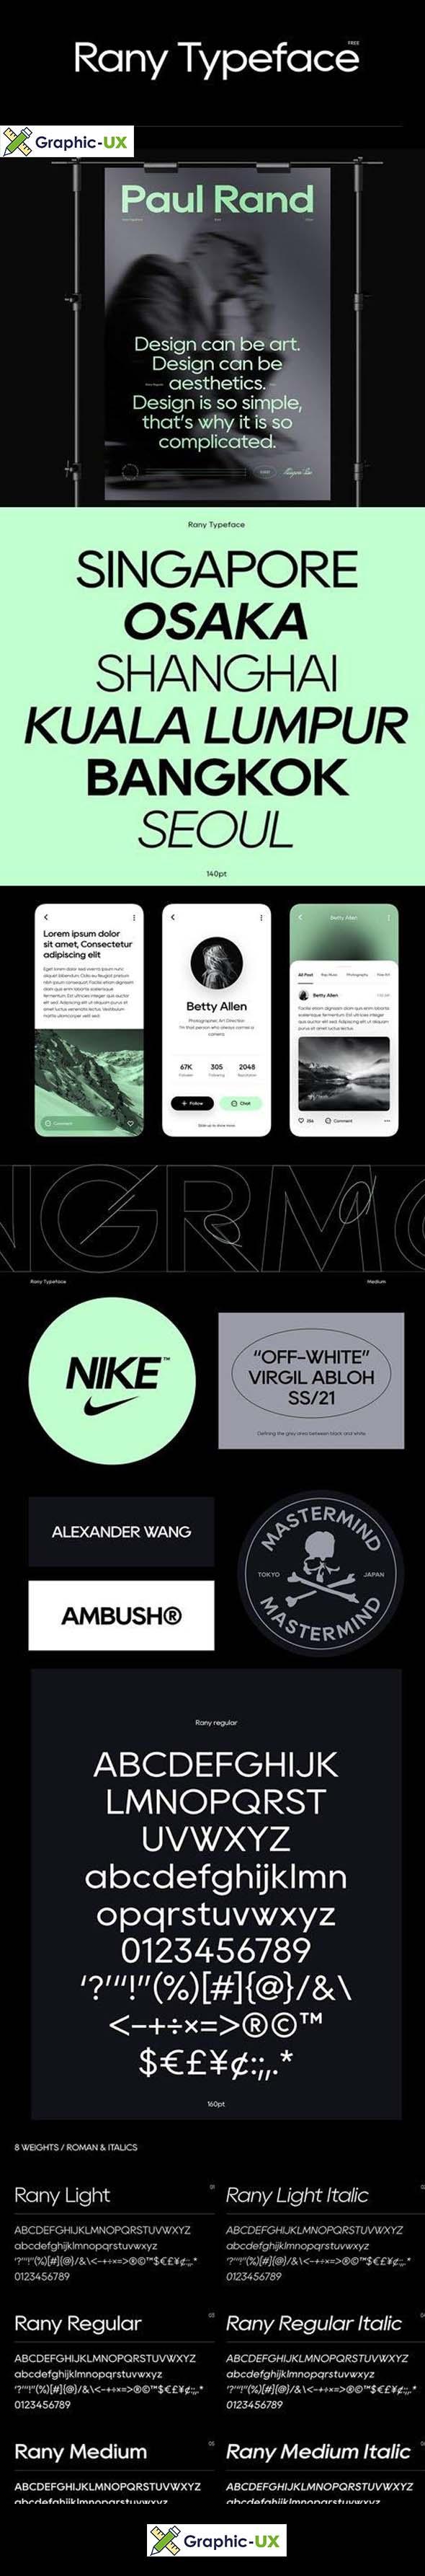 Rany Typeface